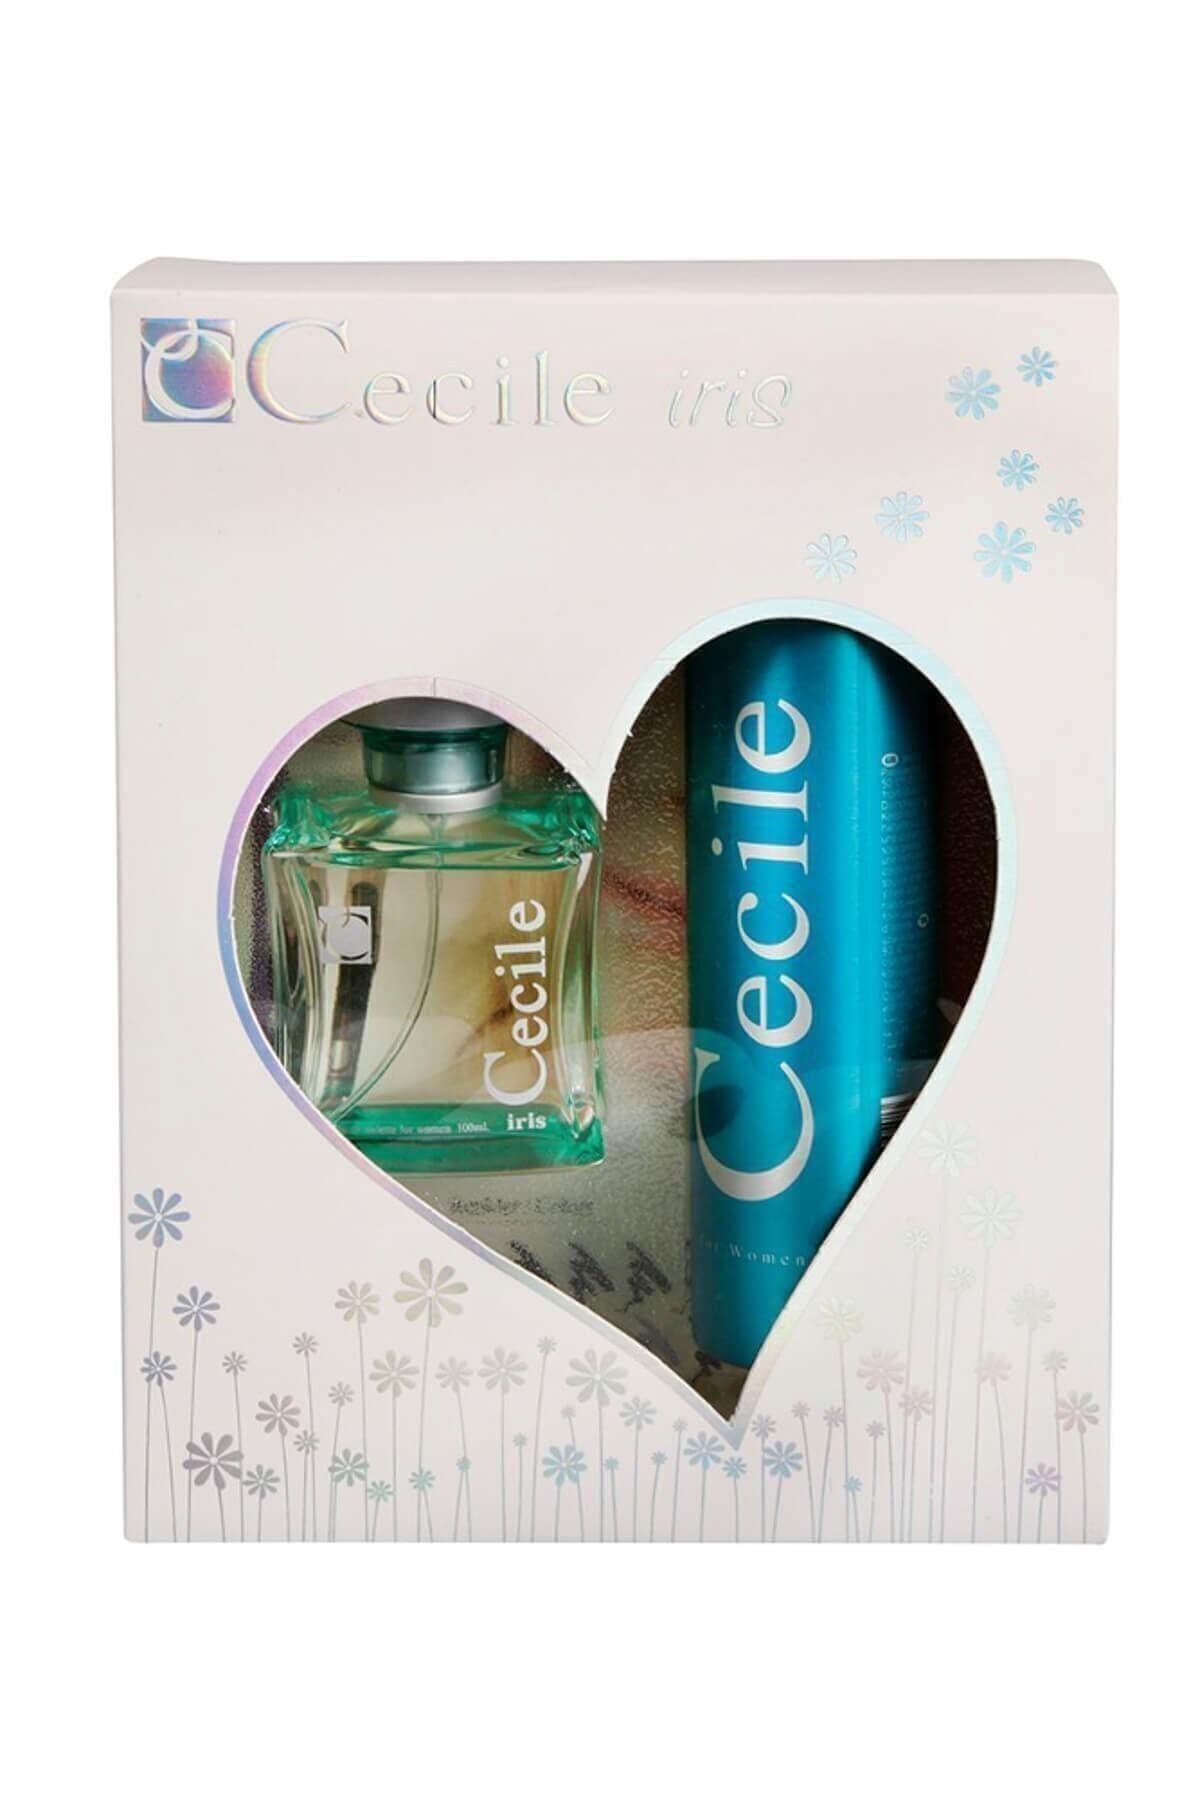 Cecile Iris Edt 100 Ml + 150 Ml Deodorant Kadın Parfüm Seti 8698438005692 1